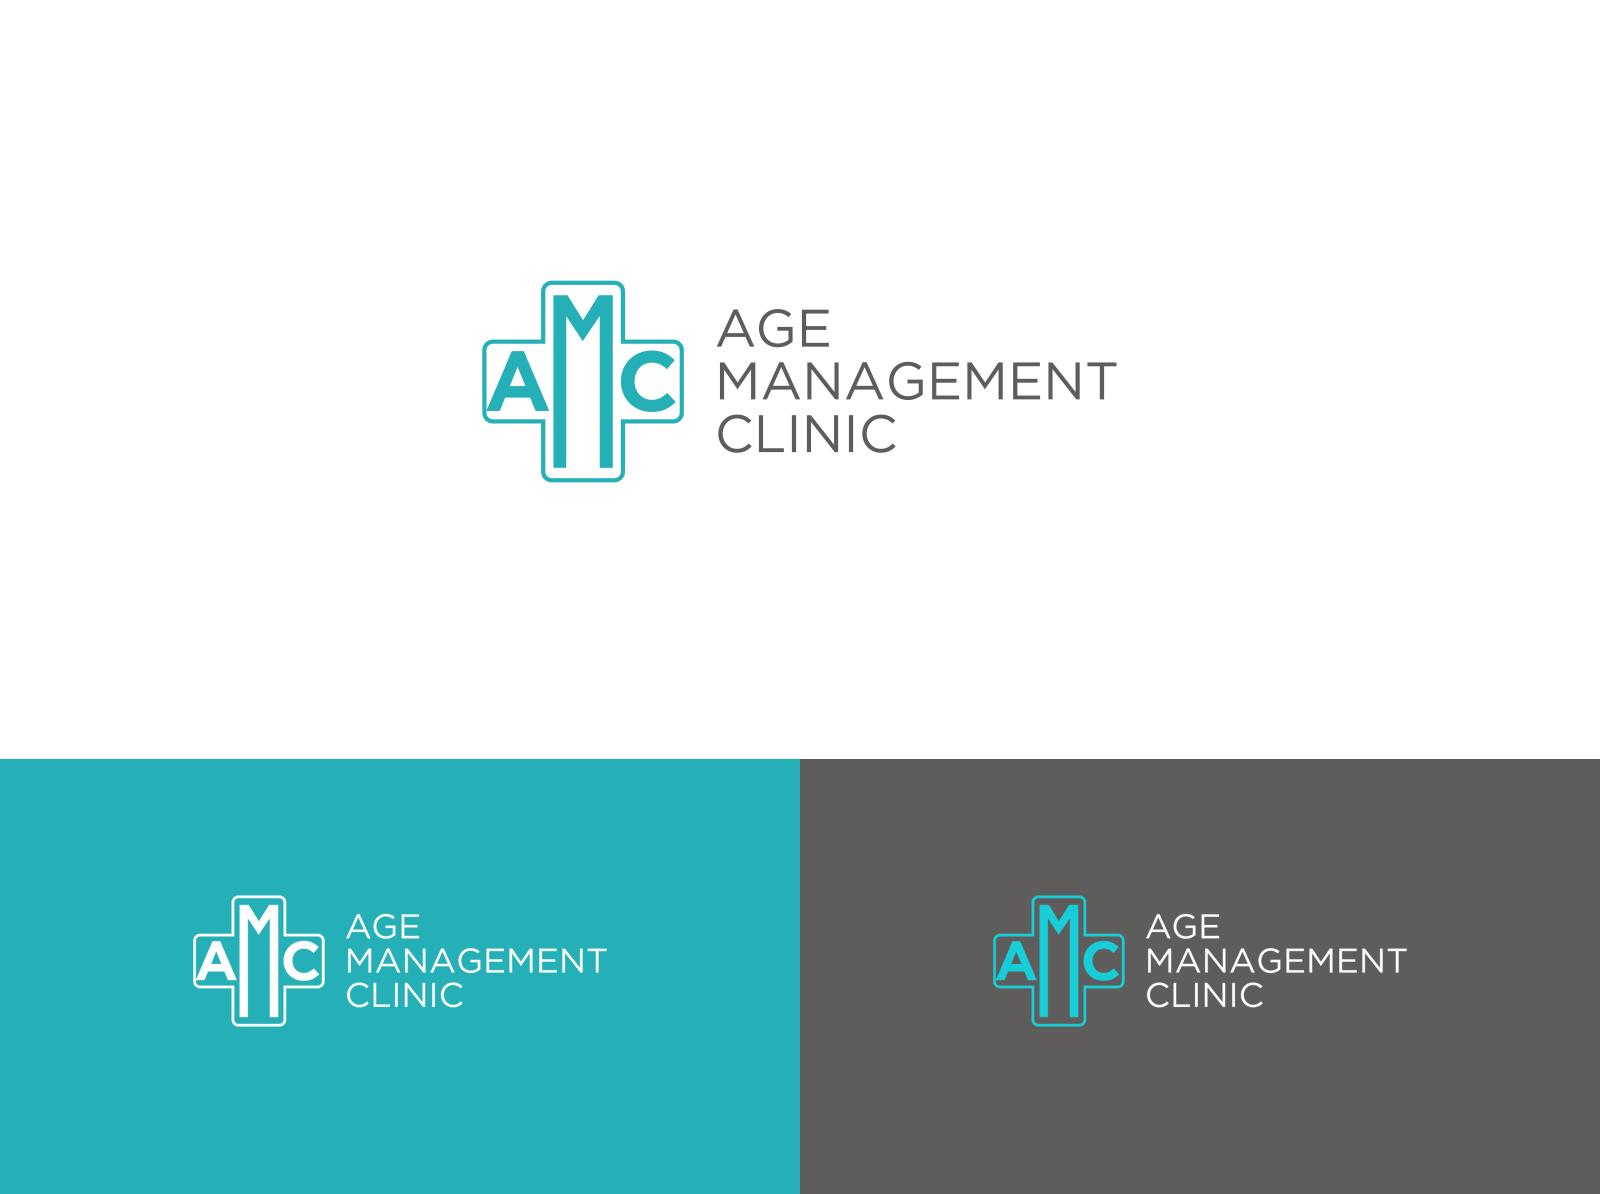 Логотип для медицинского центра (клиники)  фото f_4085b9943185a73c.png